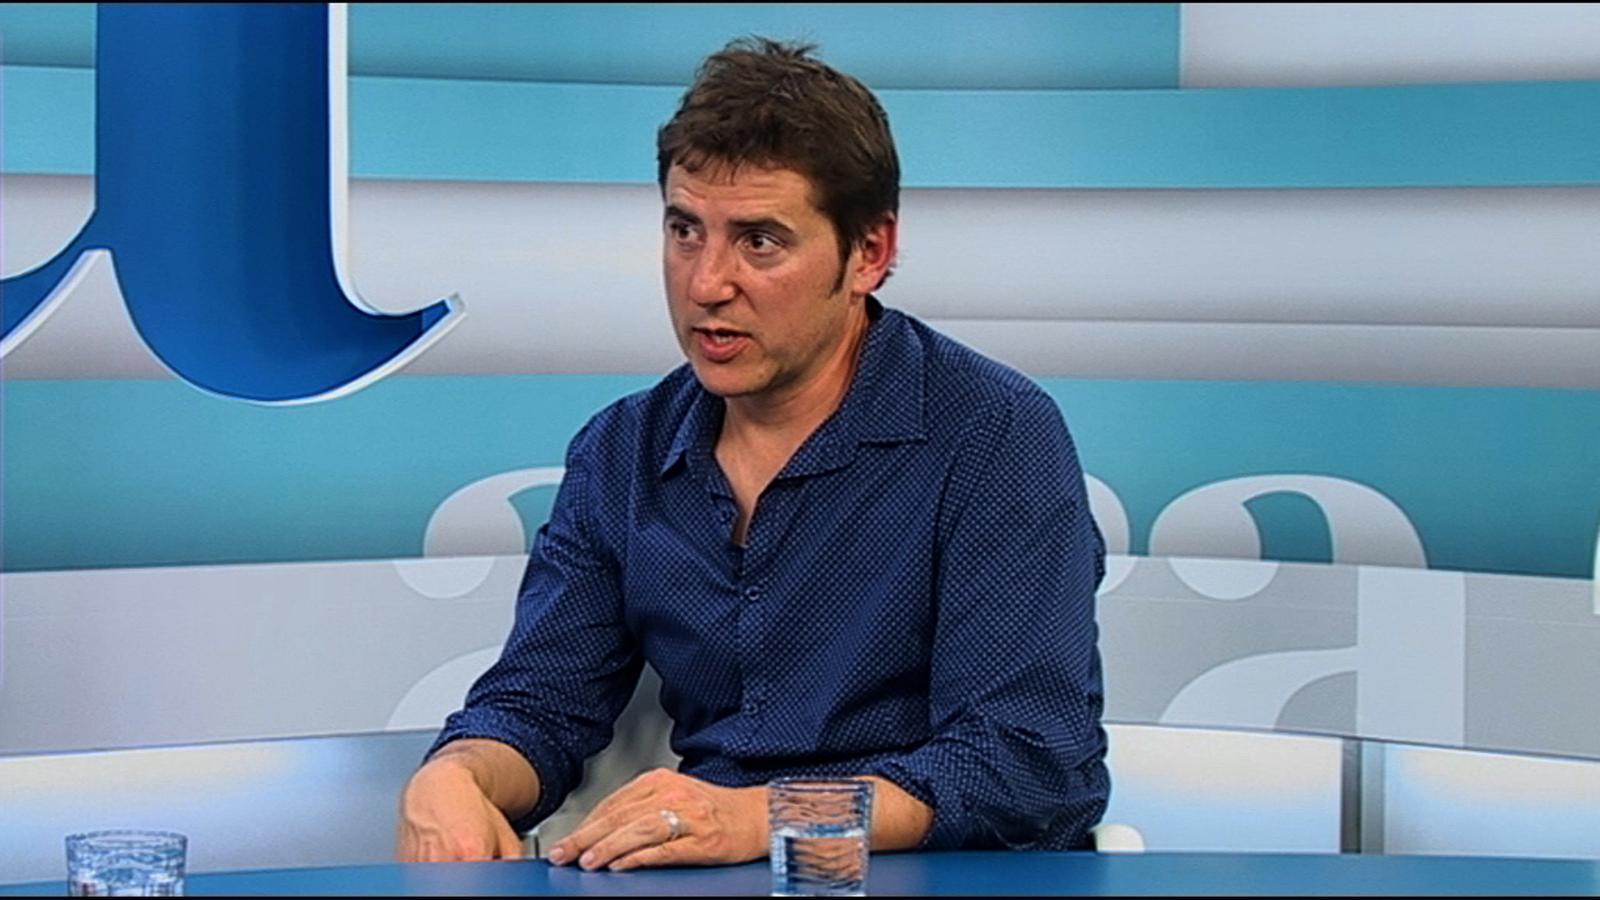 Manel Fuentes: No m'agrada que m'entrevistin